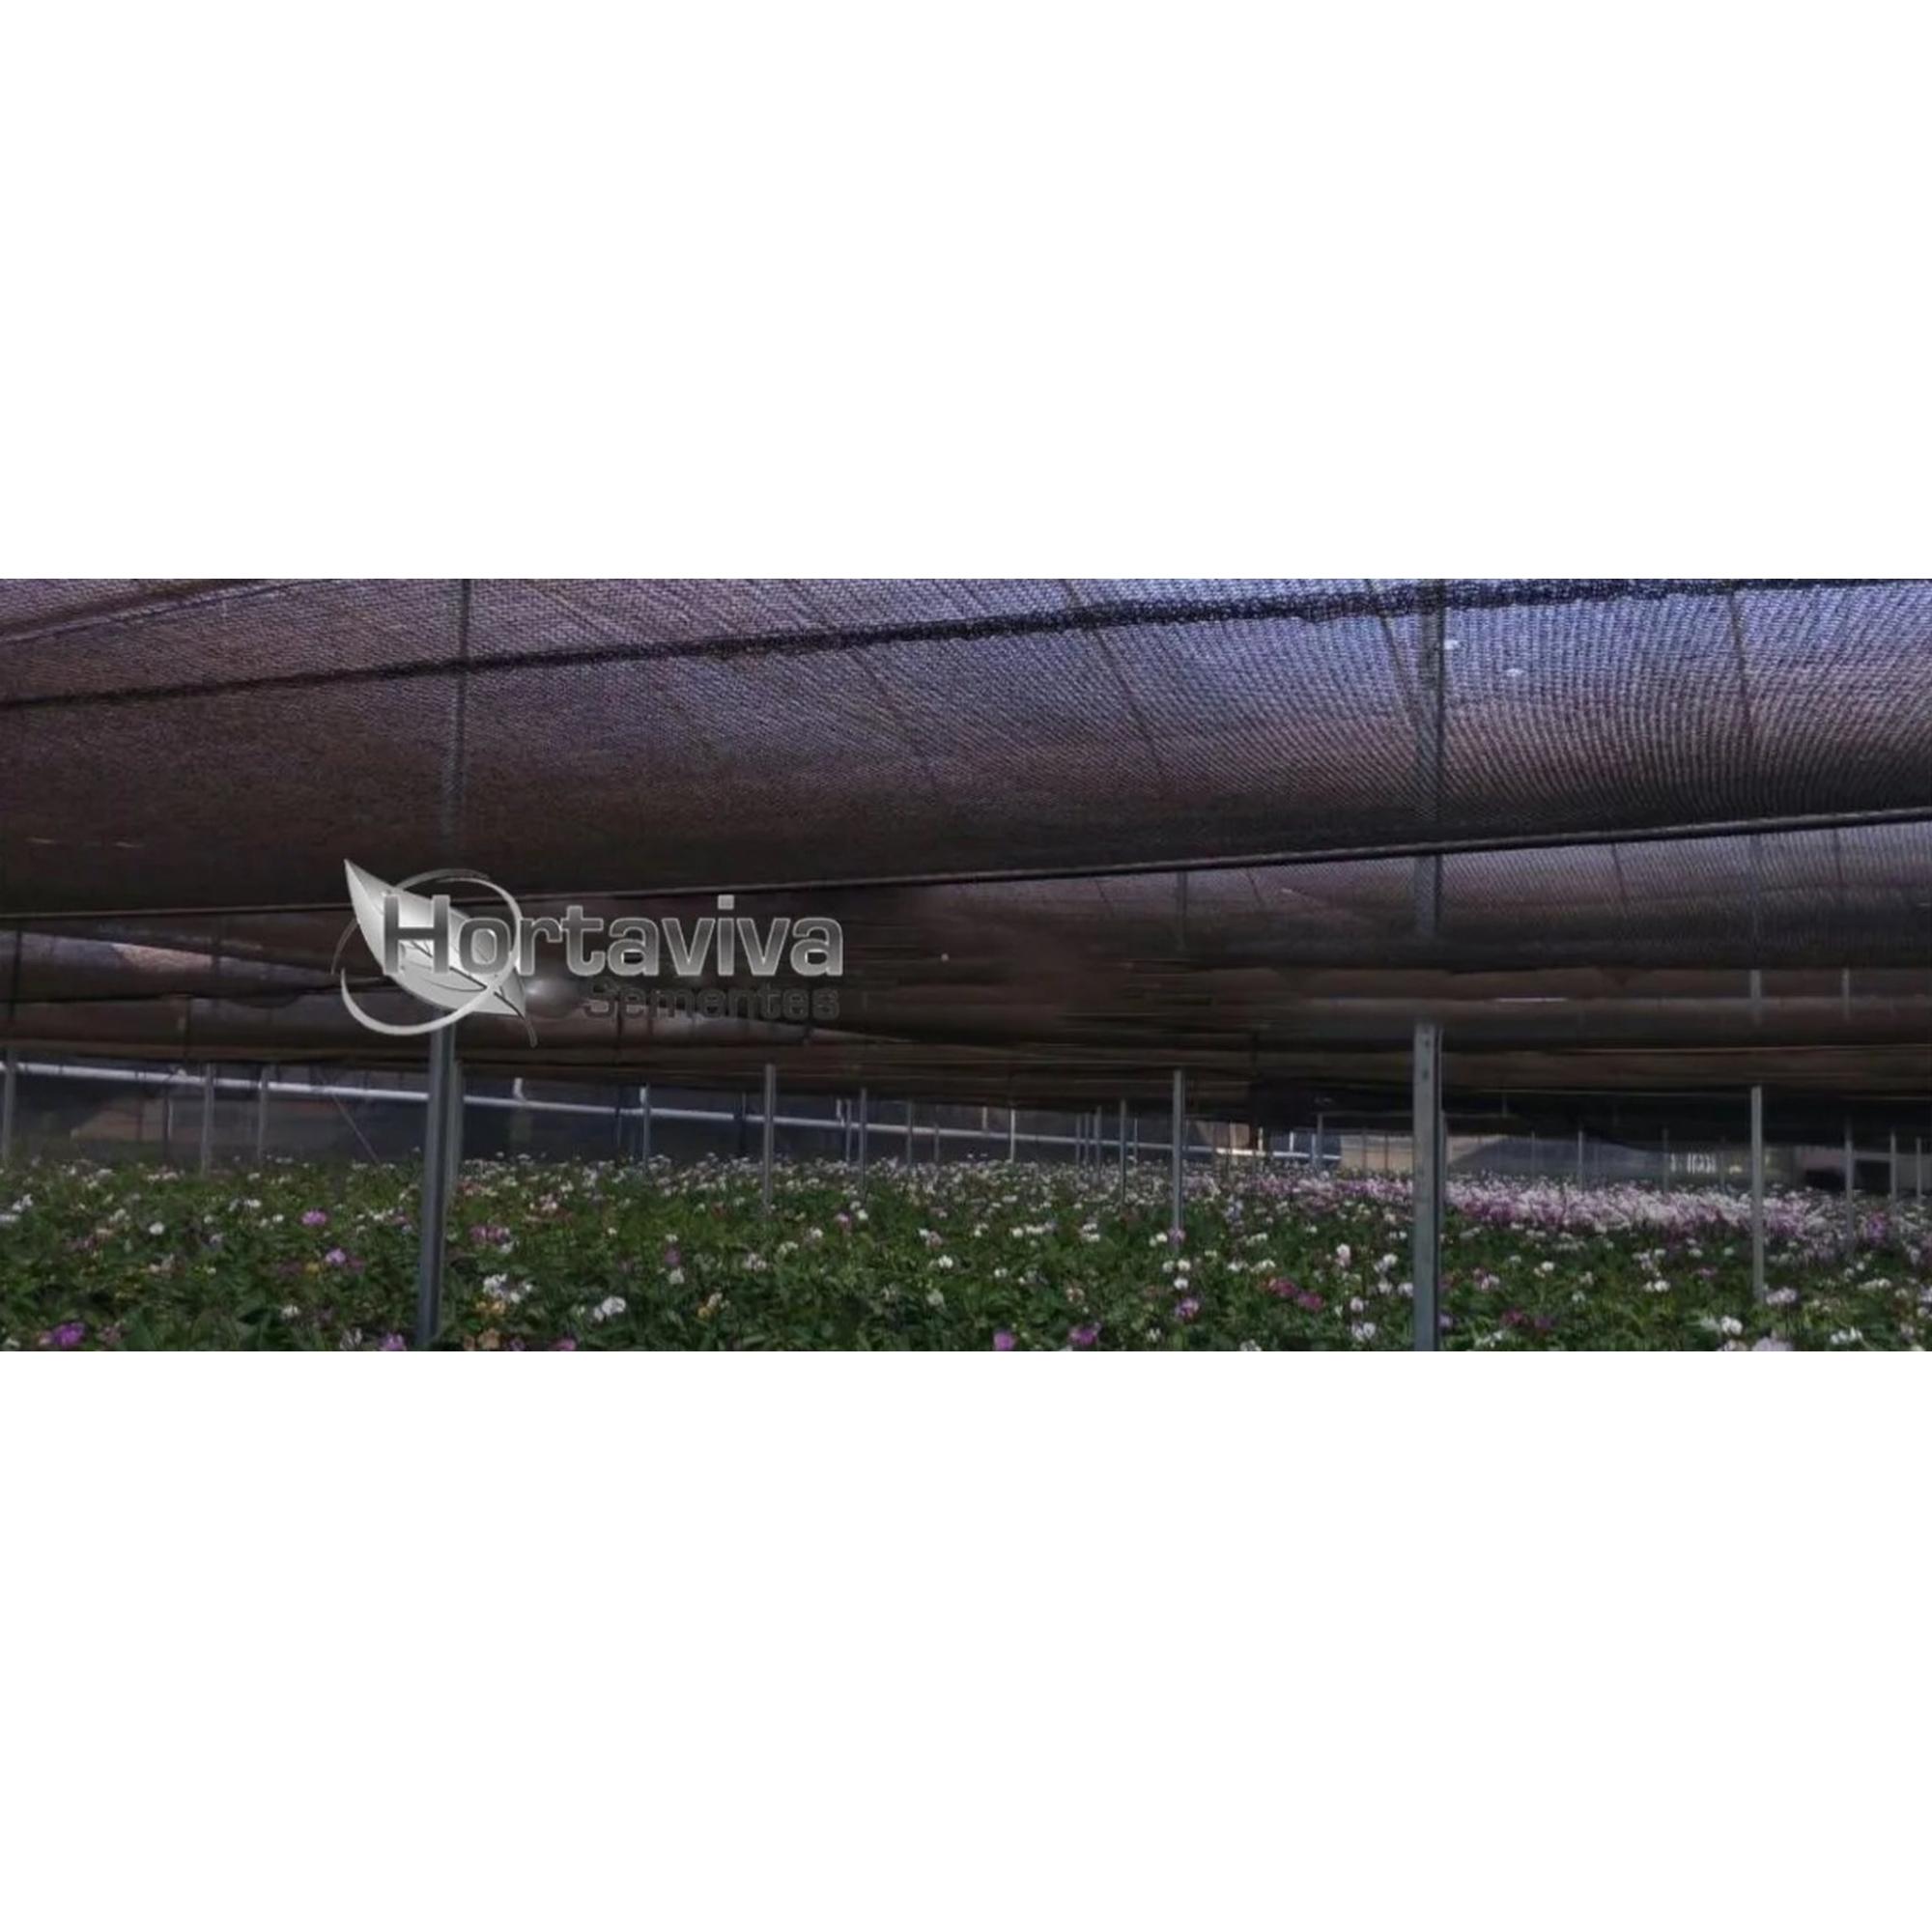 Tela de Sombreamento Preta 50% - 9 Metros x 45 Metros